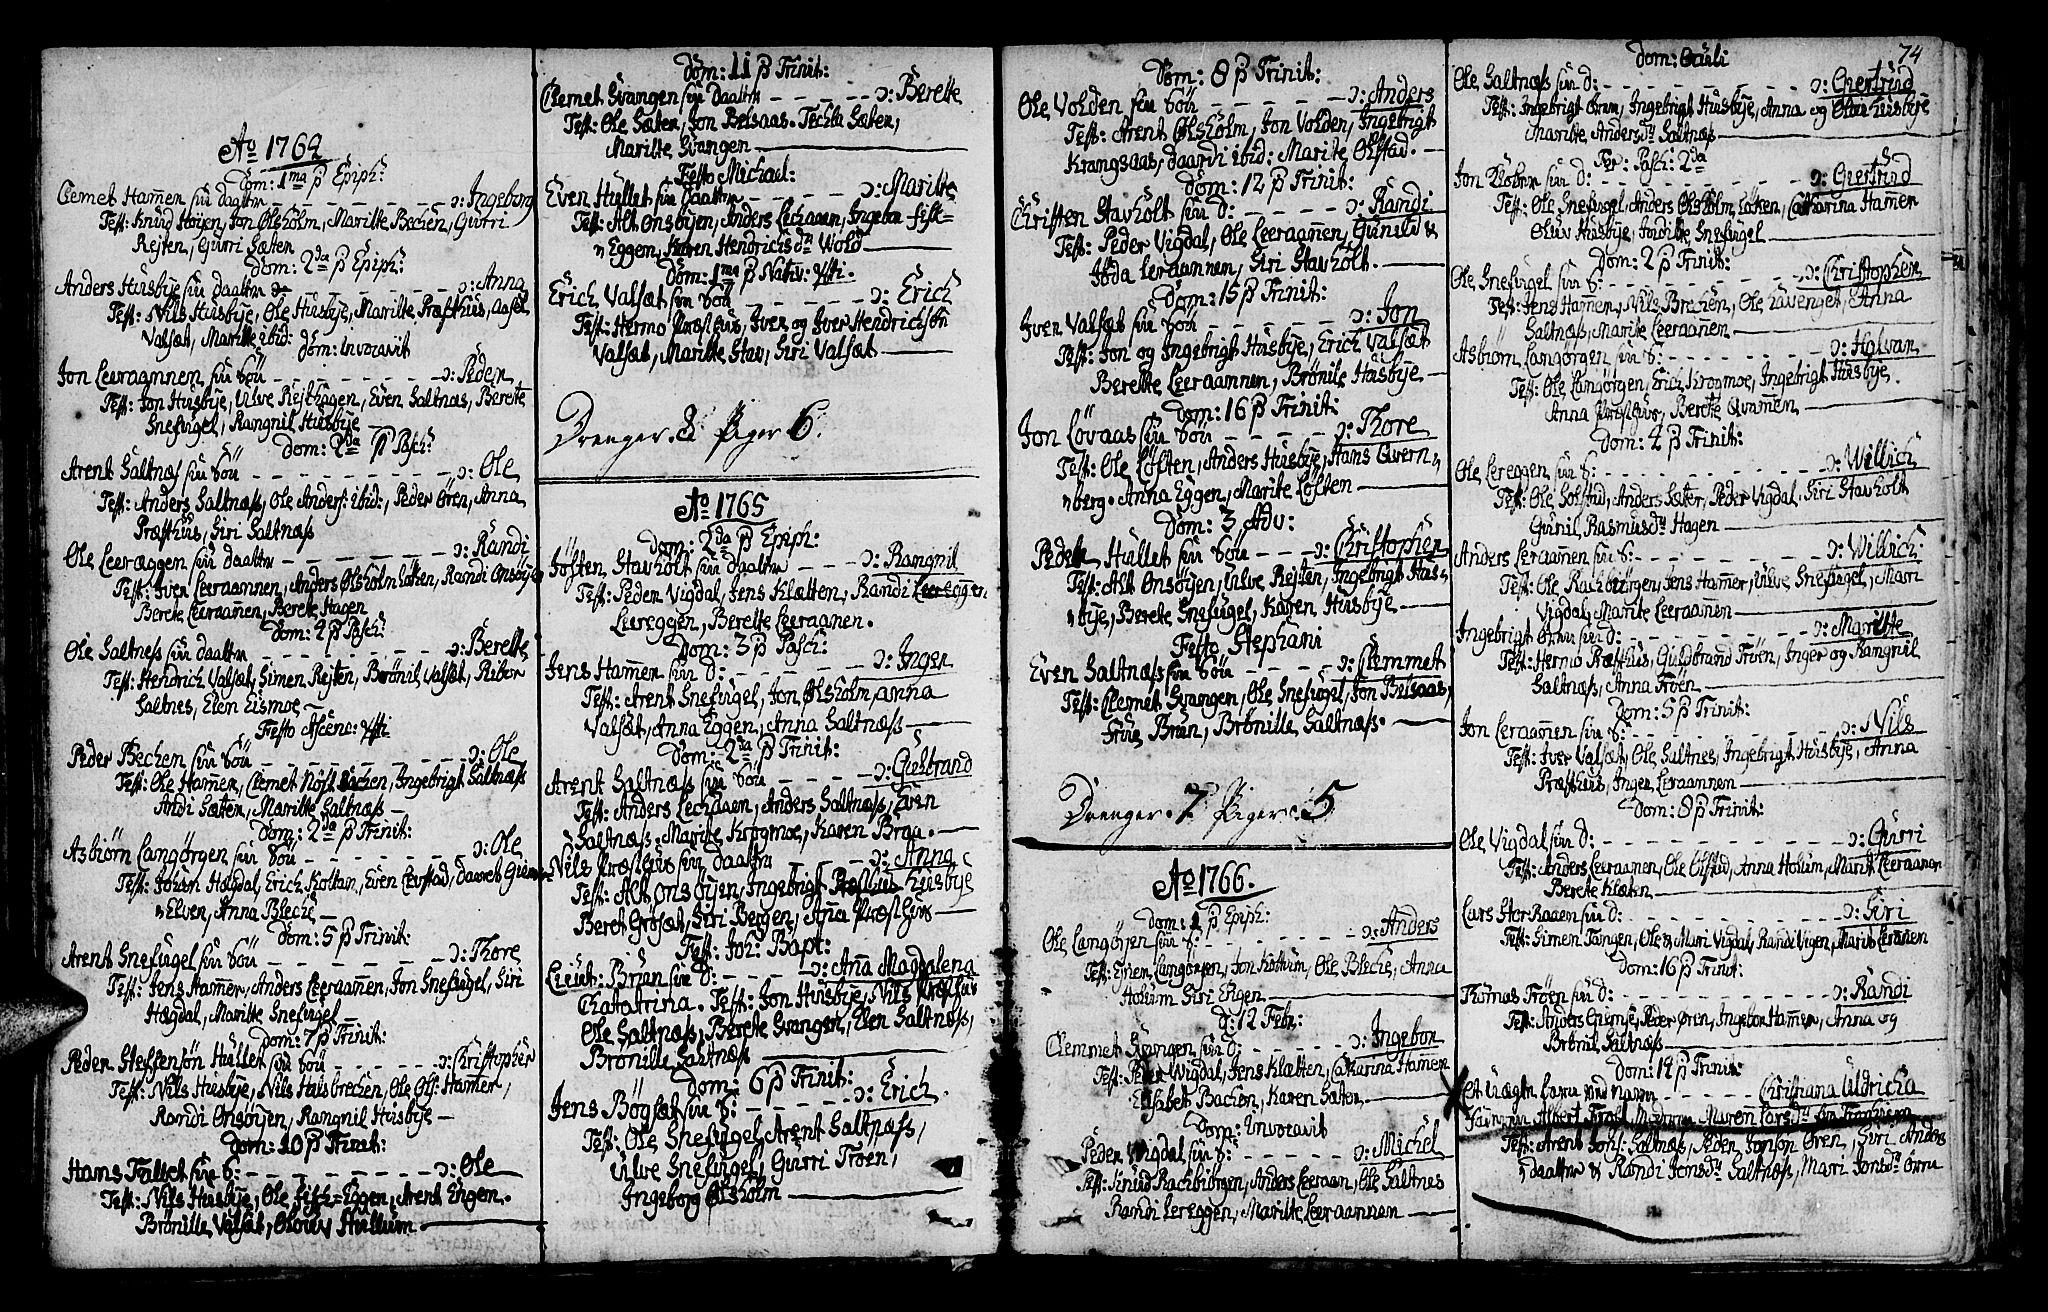 SAT, Ministerialprotokoller, klokkerbøker og fødselsregistre - Sør-Trøndelag, 666/L0784: Ministerialbok nr. 666A02, 1754-1802, s. 74